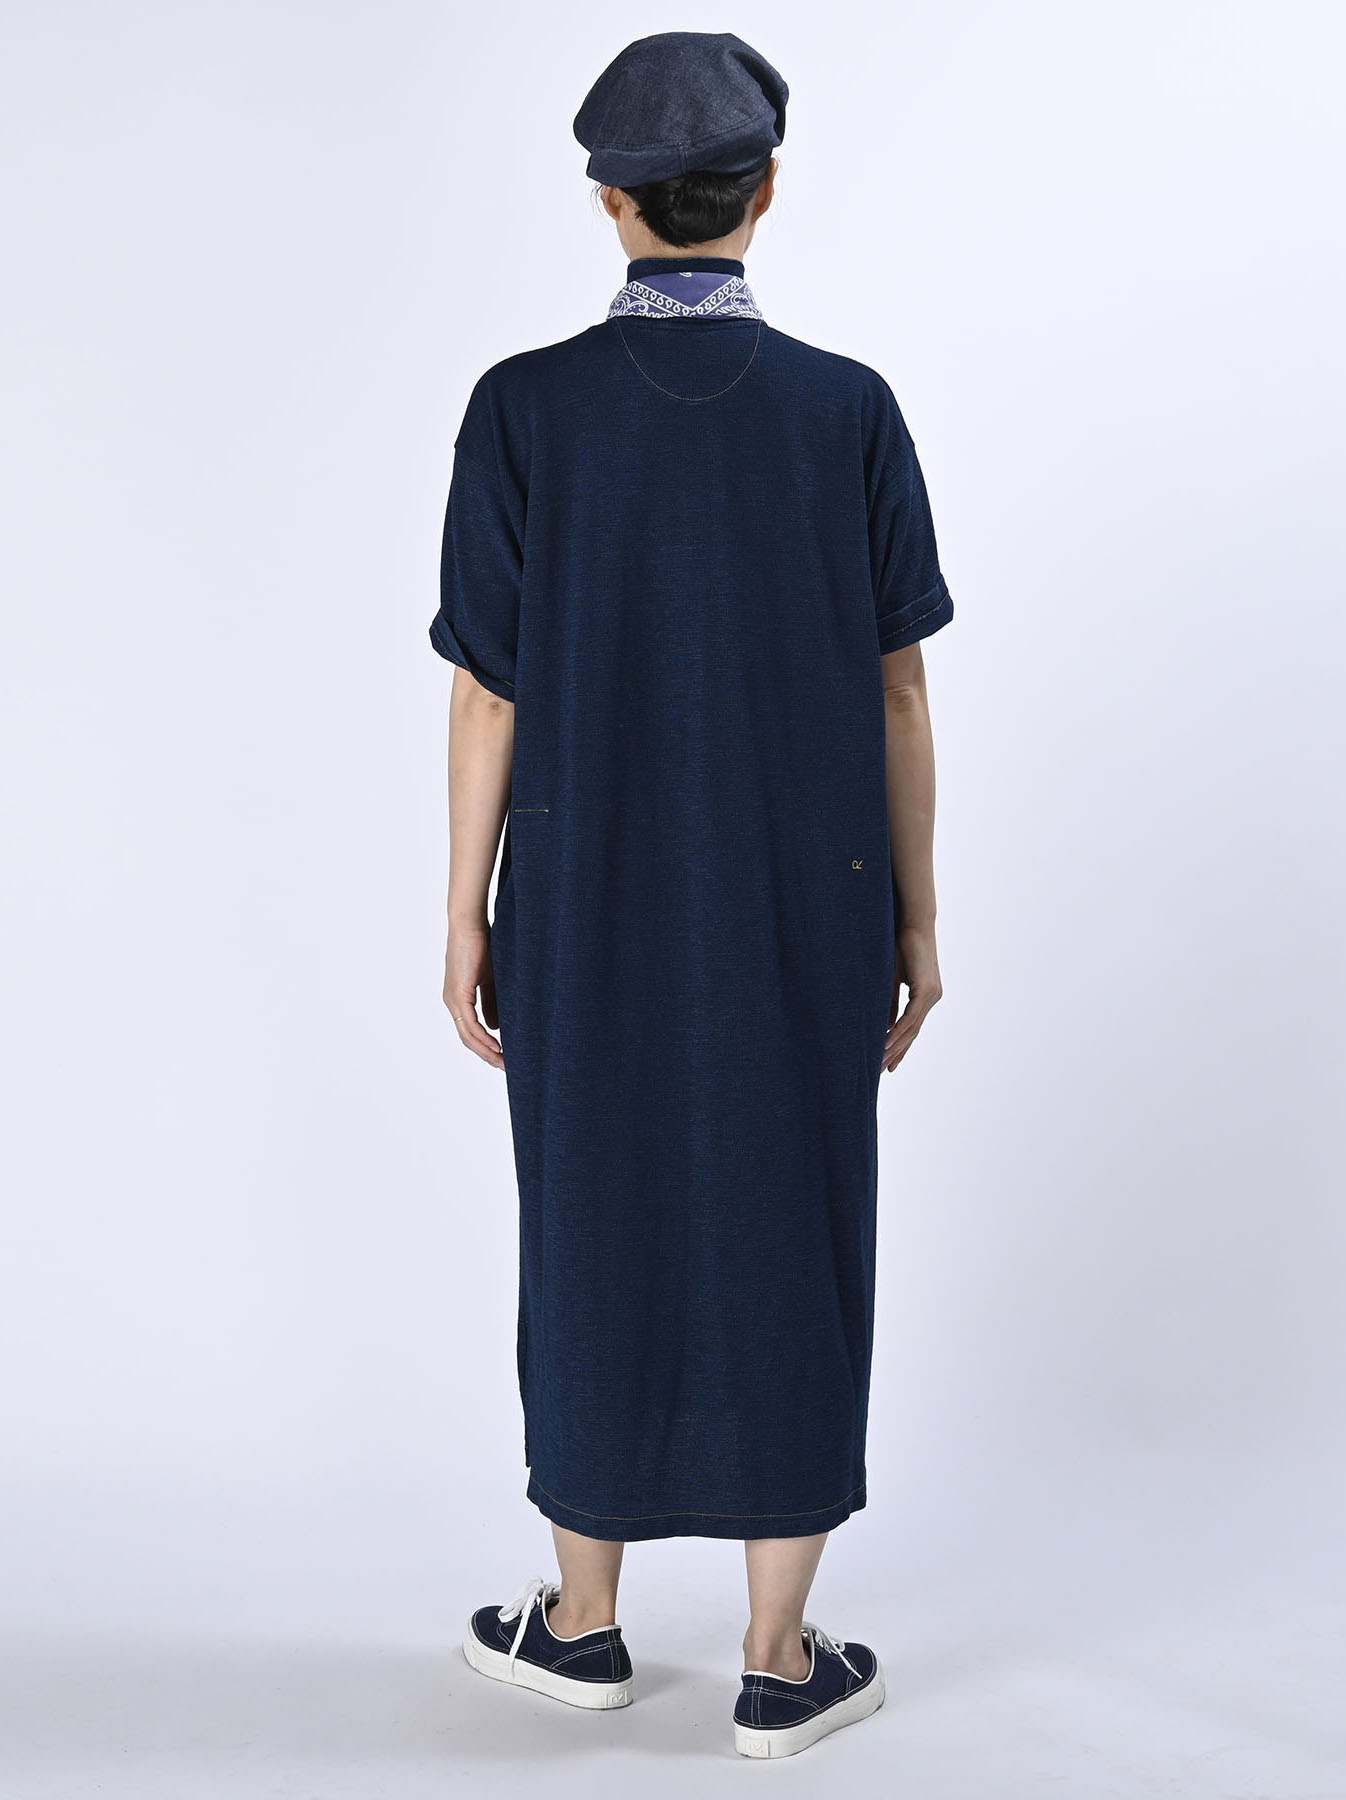 Indigo Kanoko Ocean Shiokaze Short-sleeved Polo Dress (0521)-4